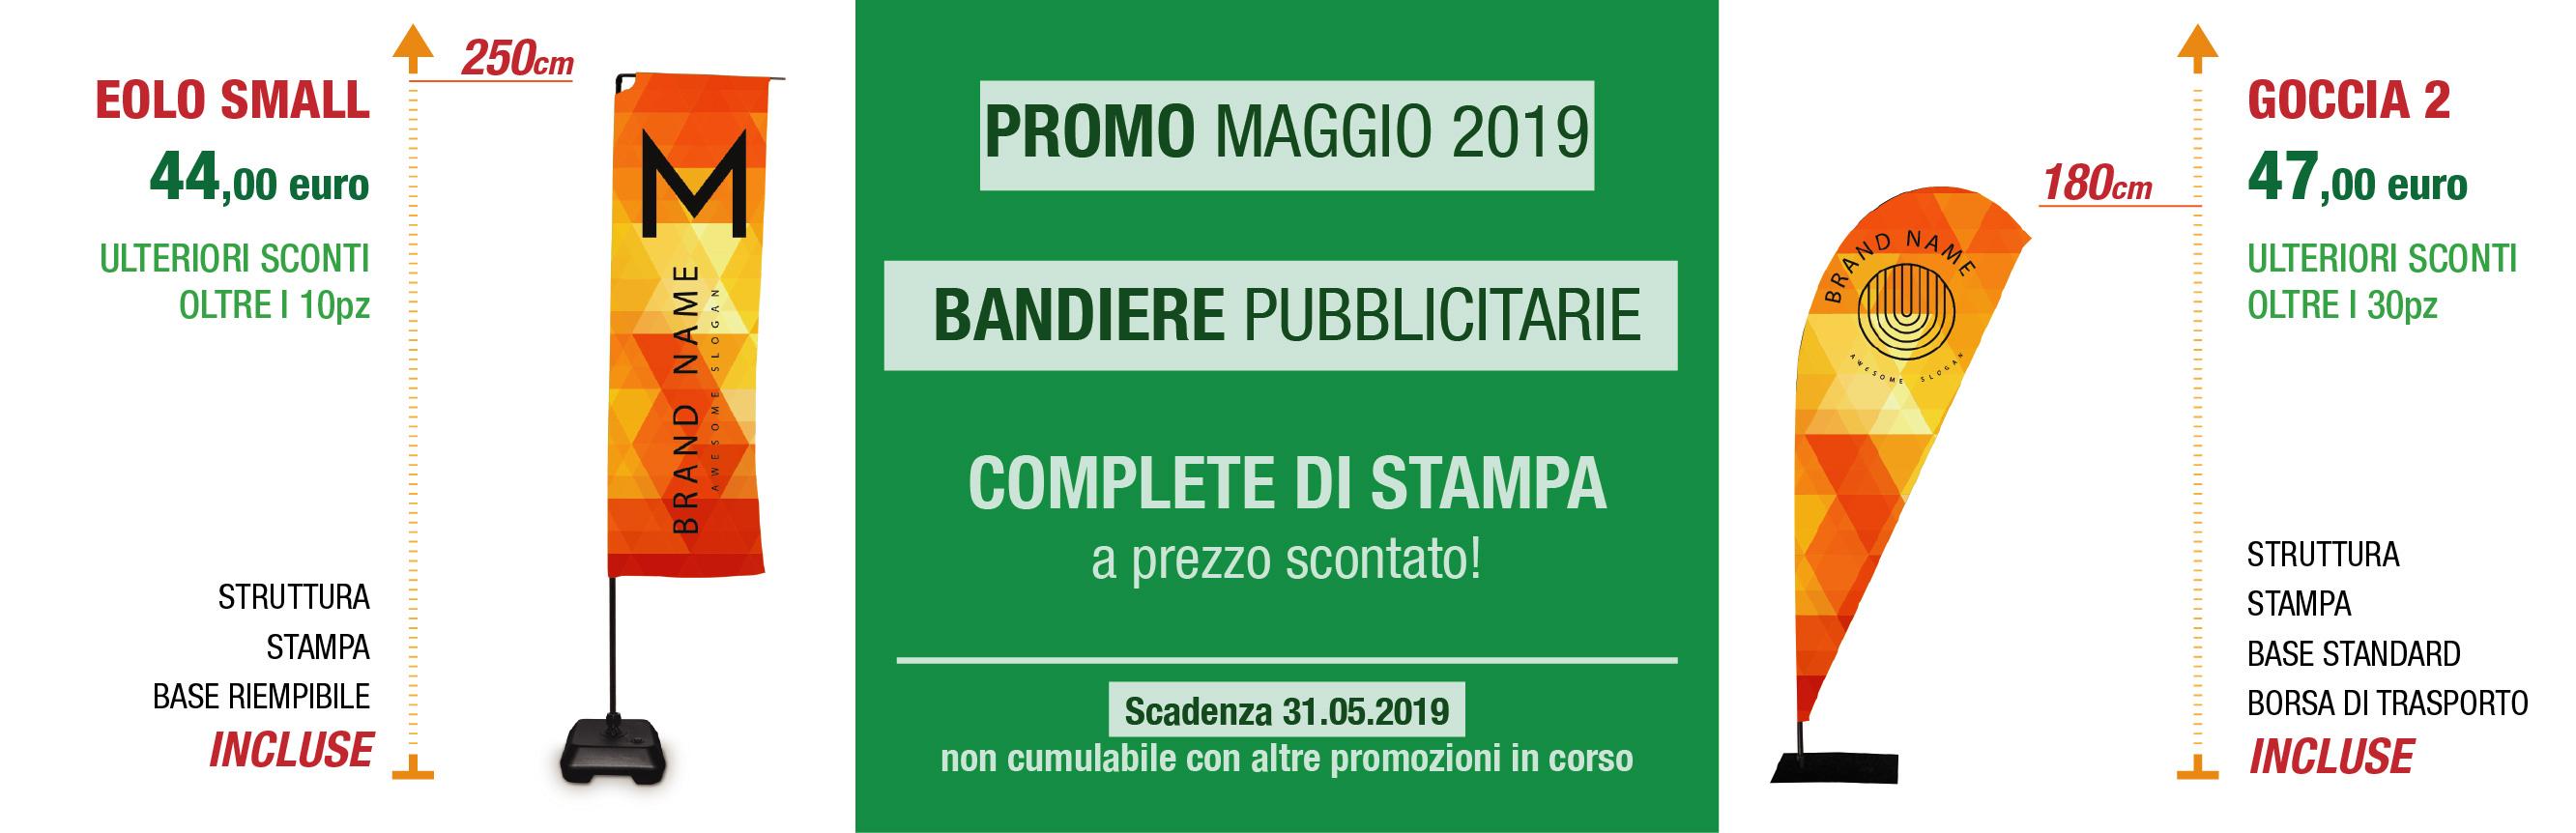 bandiere pubblicitarie a prezzo scontato - promo maggio 2019